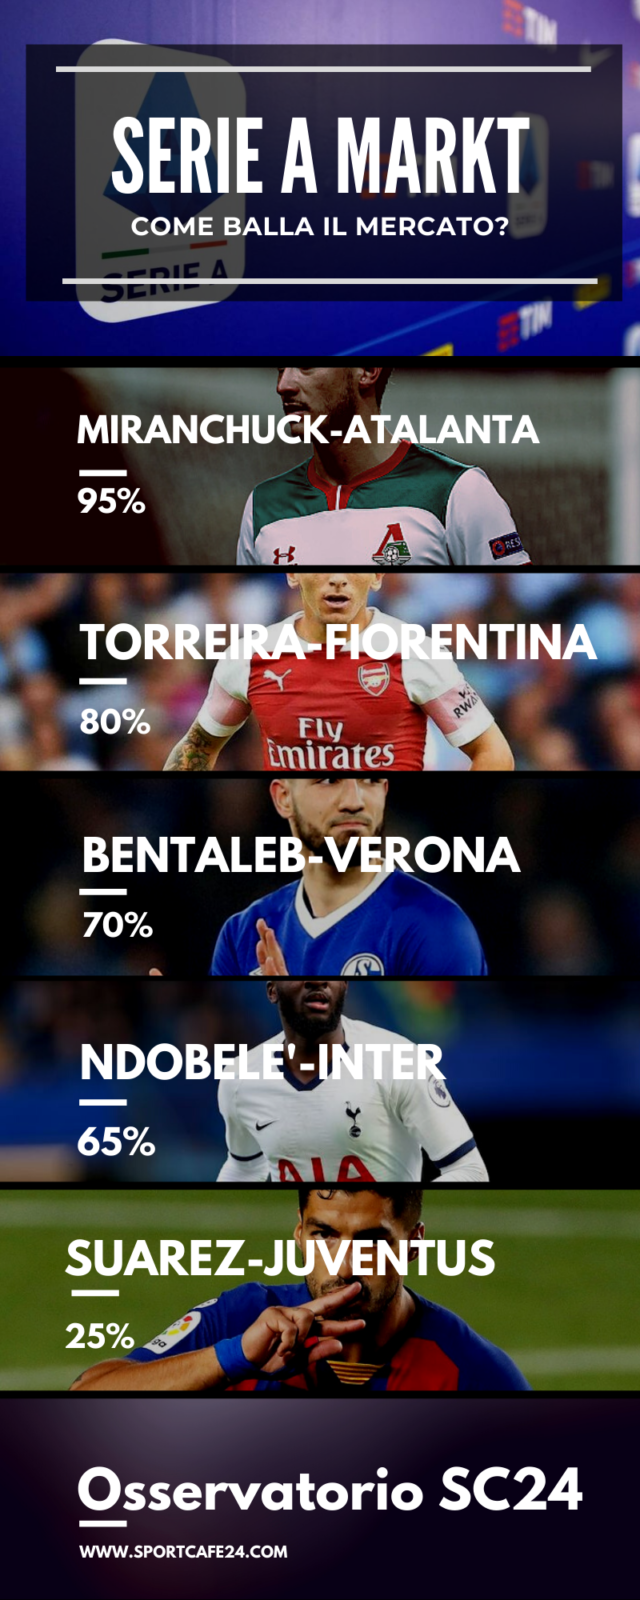 Ndombelè-Inter si fa?